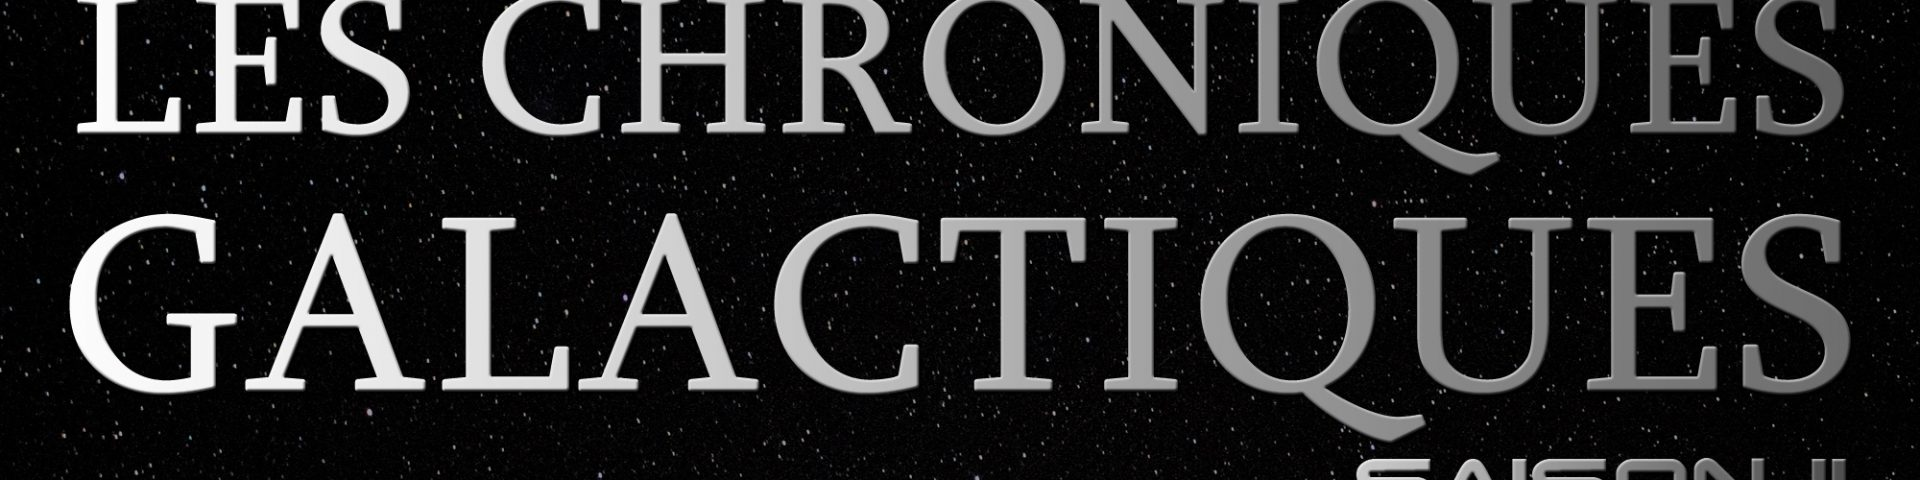 Les Chroniques Galactiques Saison 2 - fiction audio Star Wars